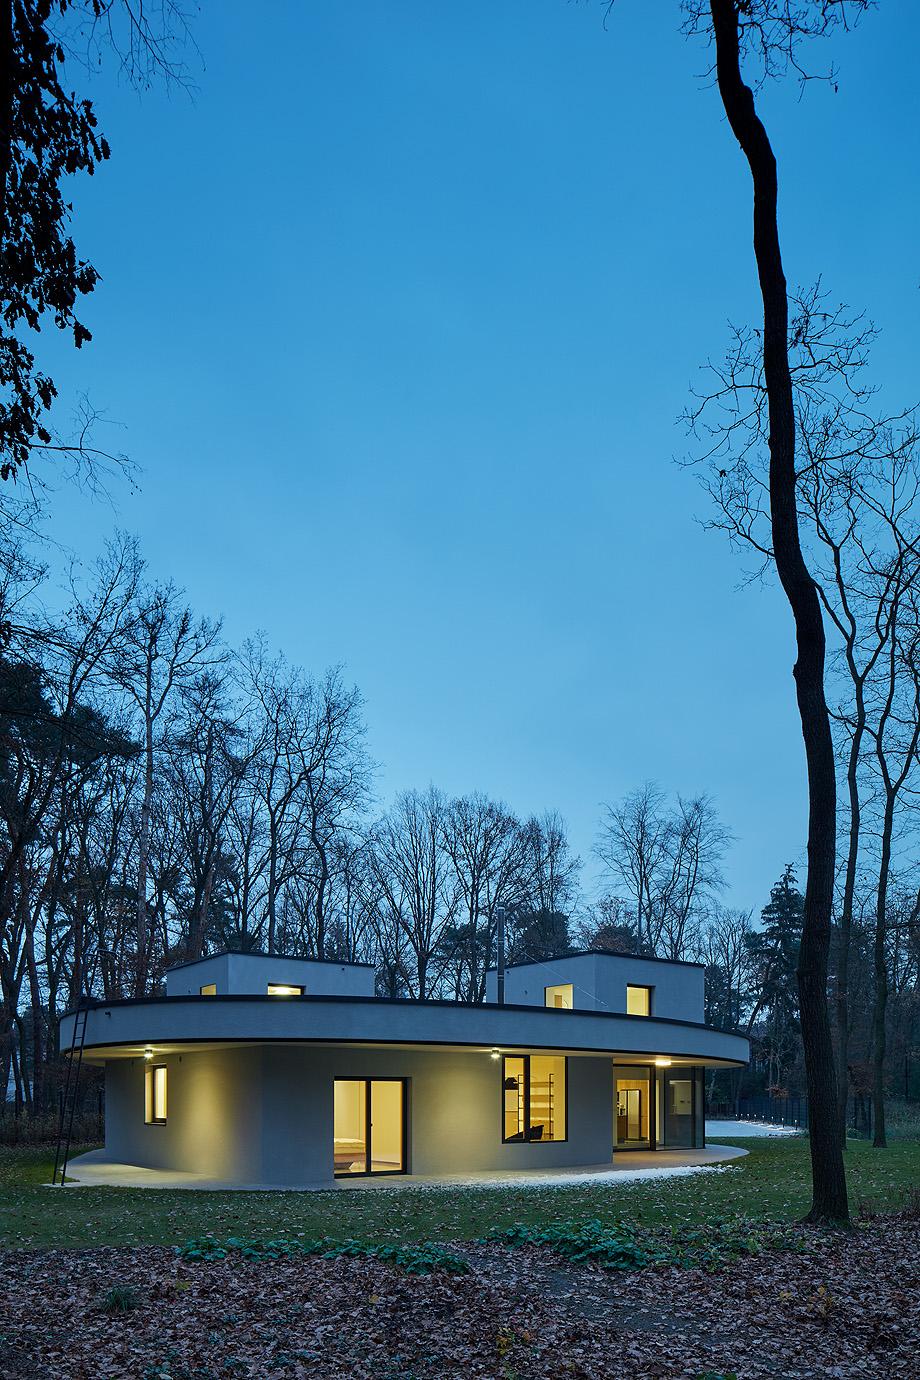 casa unifamiliar en la republica checa de mjolk architects (19)